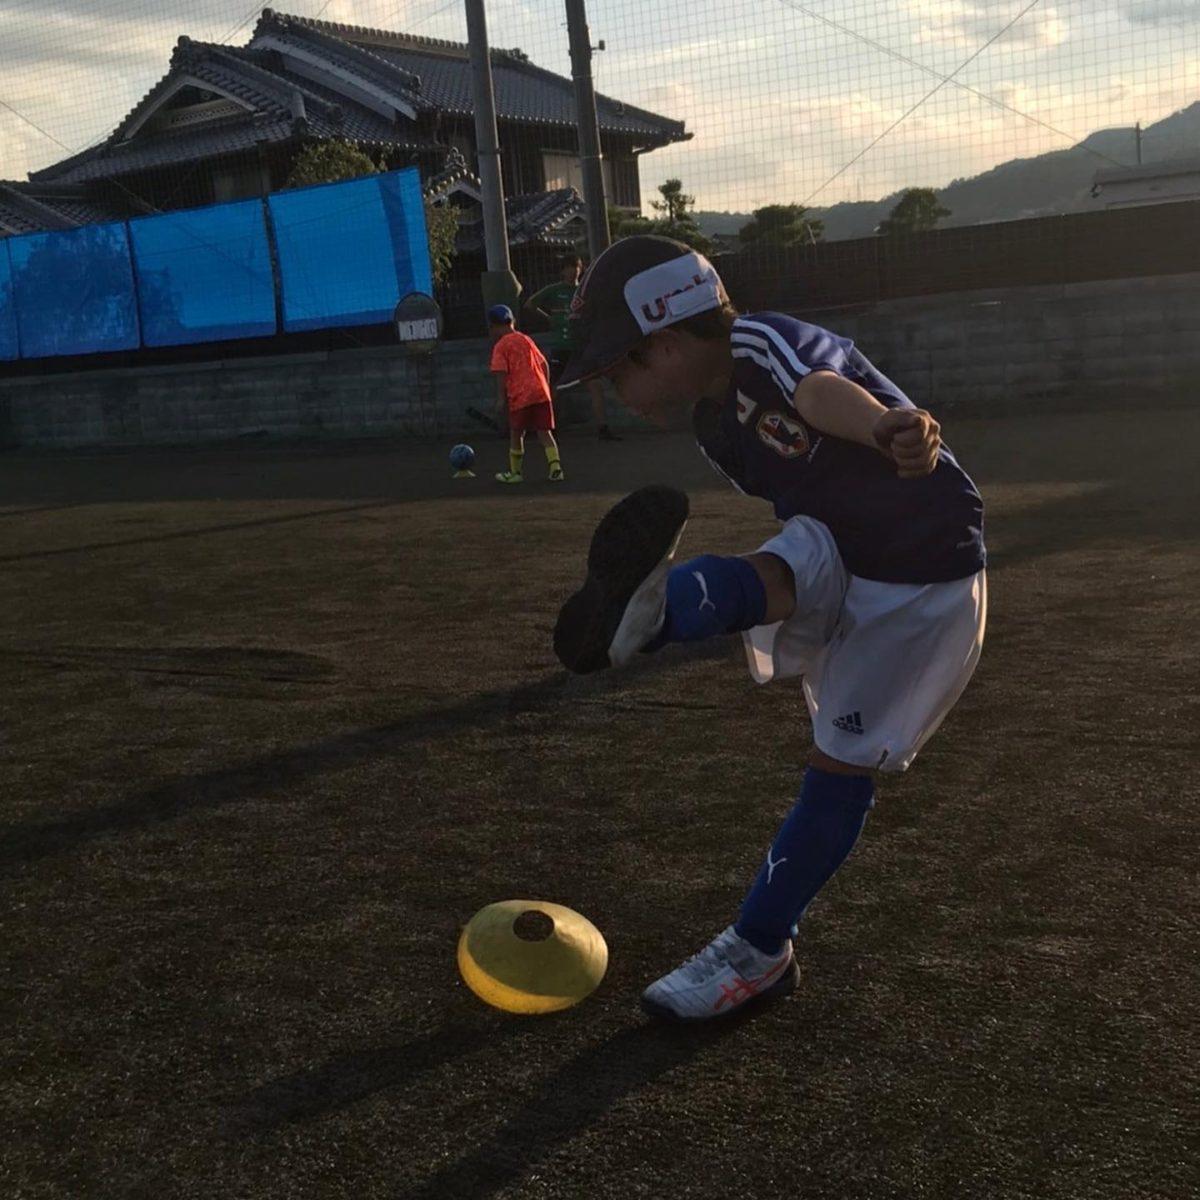 117953392 3238371812909069 2115477188458962634 o 1200x1200 - しっかりとボールの中心をミートすることと足の形を自分で意識しながら蹴る練習を楽しみにながらしました!